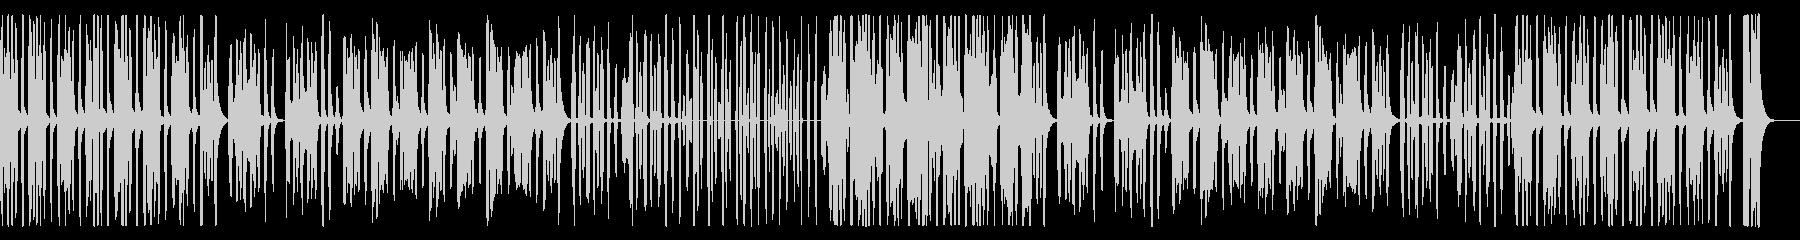 かわいいほのぼのリコーダー、パーカス抜きの未再生の波形